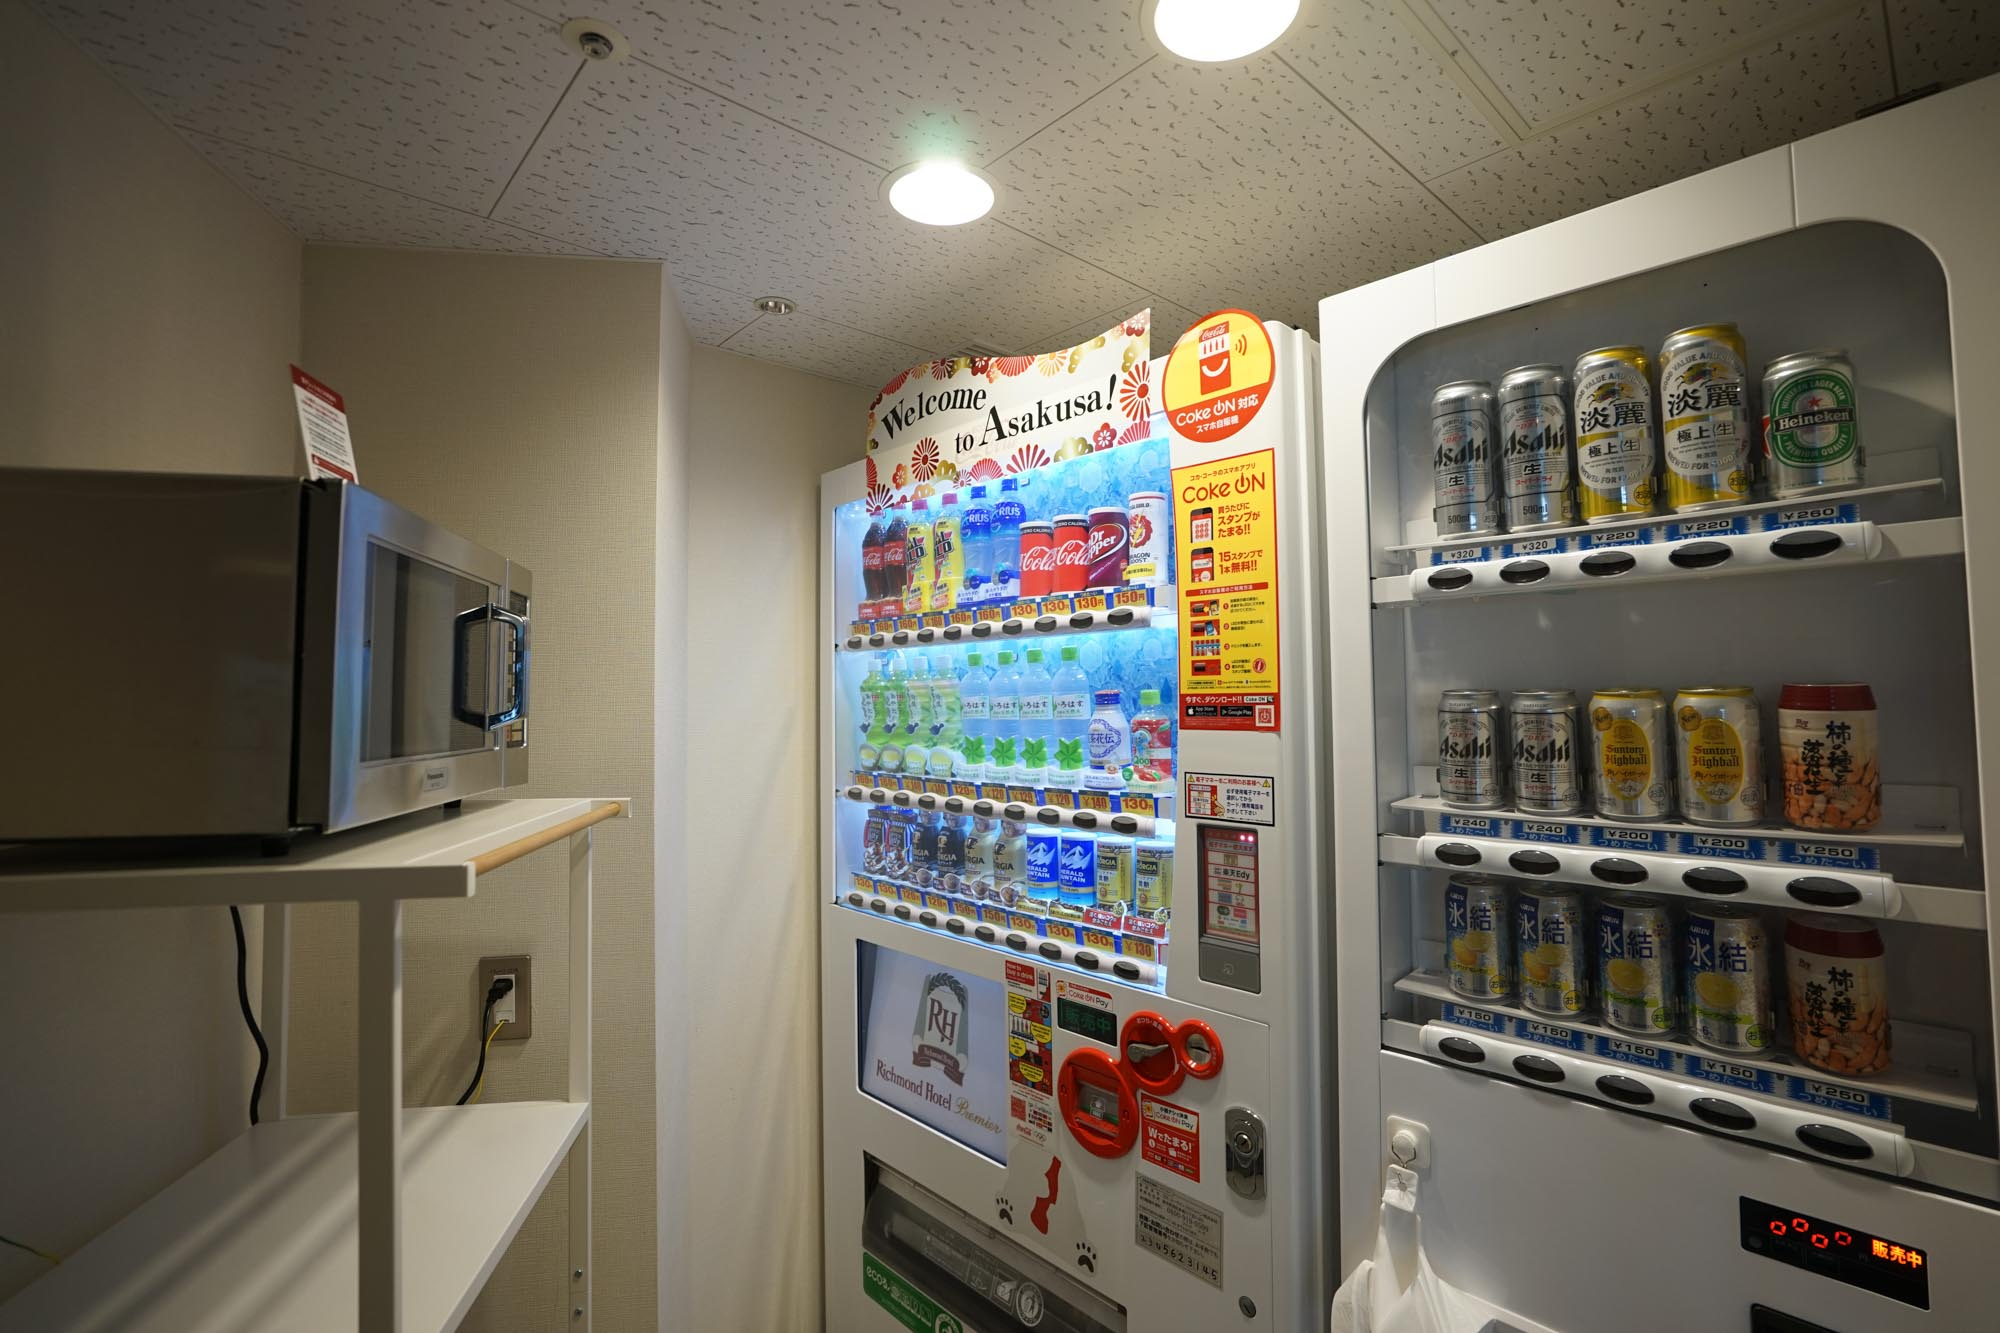 自販機コーナーにはアルコールも。電子レンジがあるのは、長期滞在にはとってもありがたいですね。